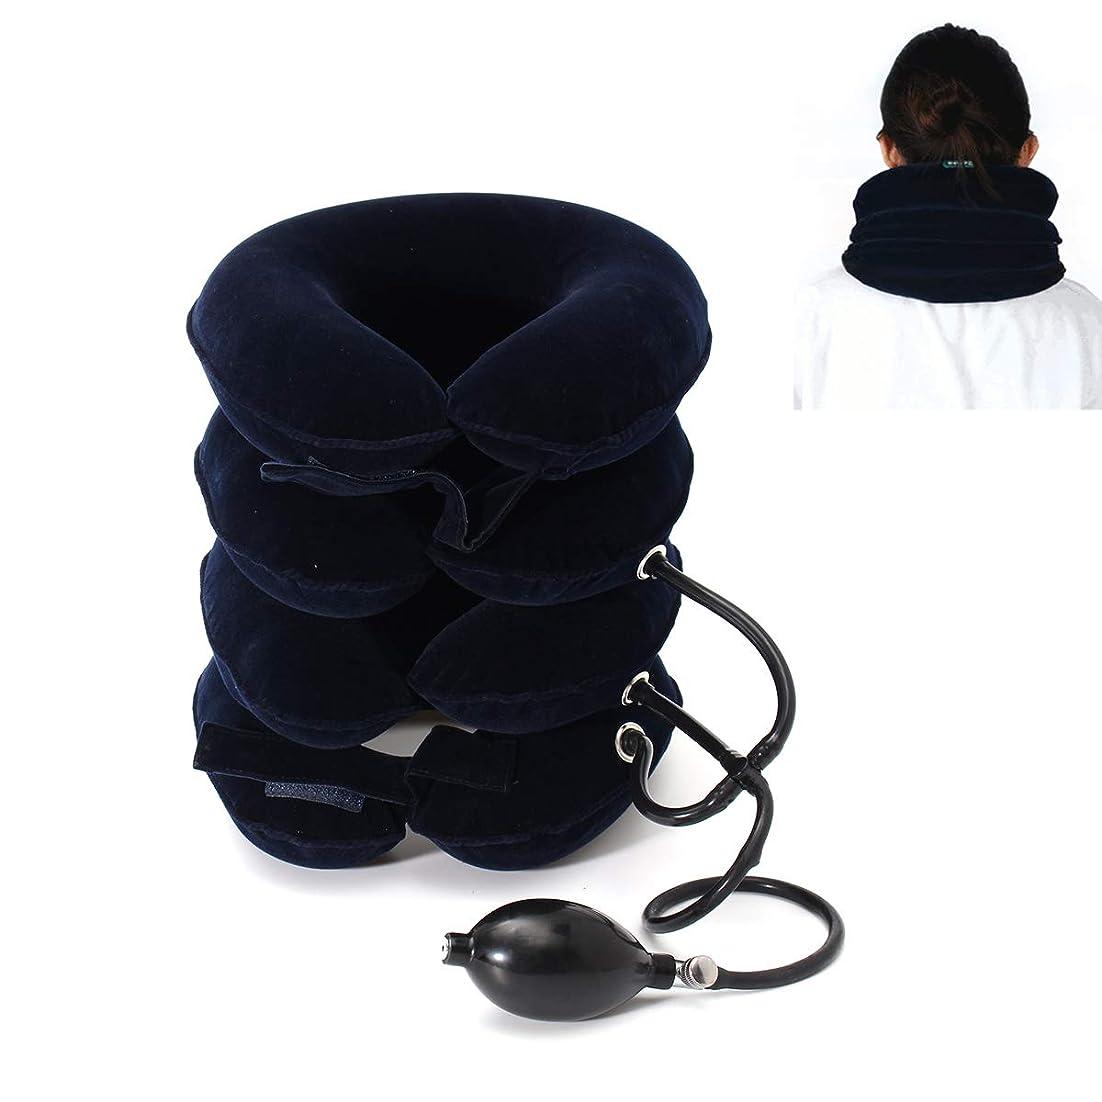 立法差し控える取り囲む4層ネックストレッチャー、MUIIGOOD頚部牽引装置、痛み緩和のためのネック姿勢慢性頸部&肩アライメント痛み、首疲労と頚部の痛みを軽減 ストレッチ,ソフトウォッシャブルネルカバー